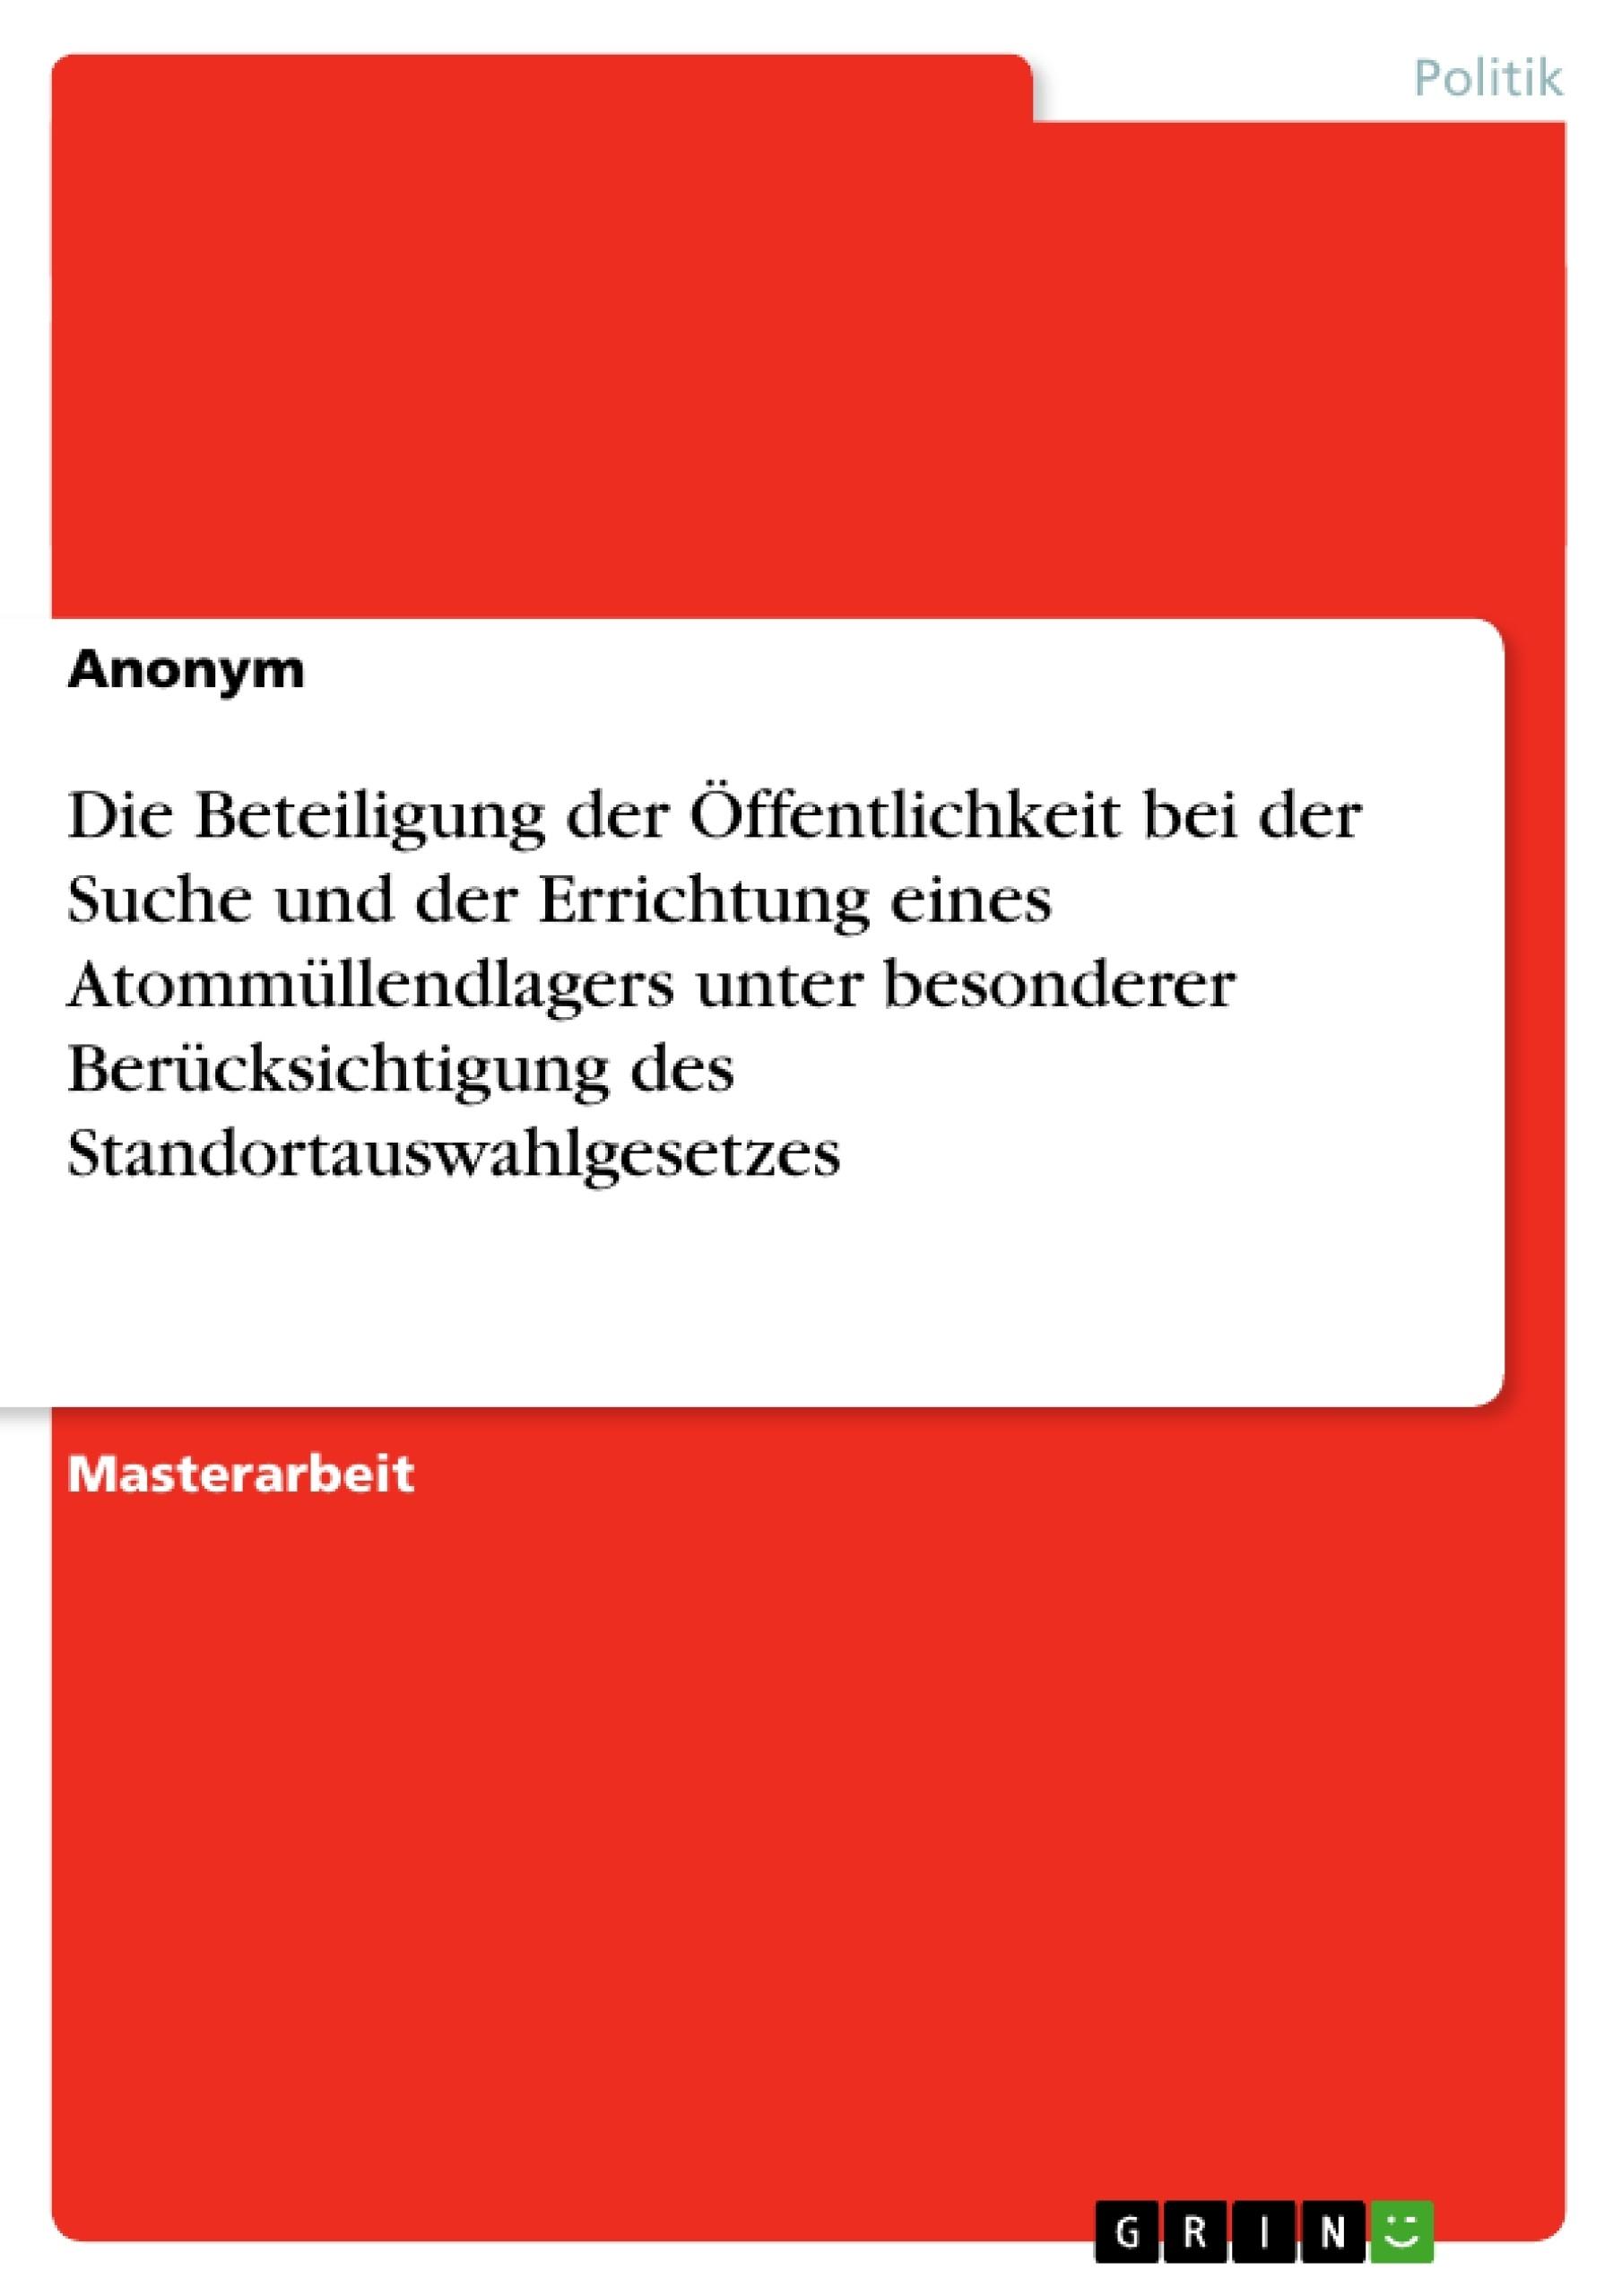 Titel: Die Beteiligung der Öffentlichkeit bei der Suche und der Errichtung eines Atommüllendlagers unter besonderer Berücksichtigung des Standortauswahlgesetzes